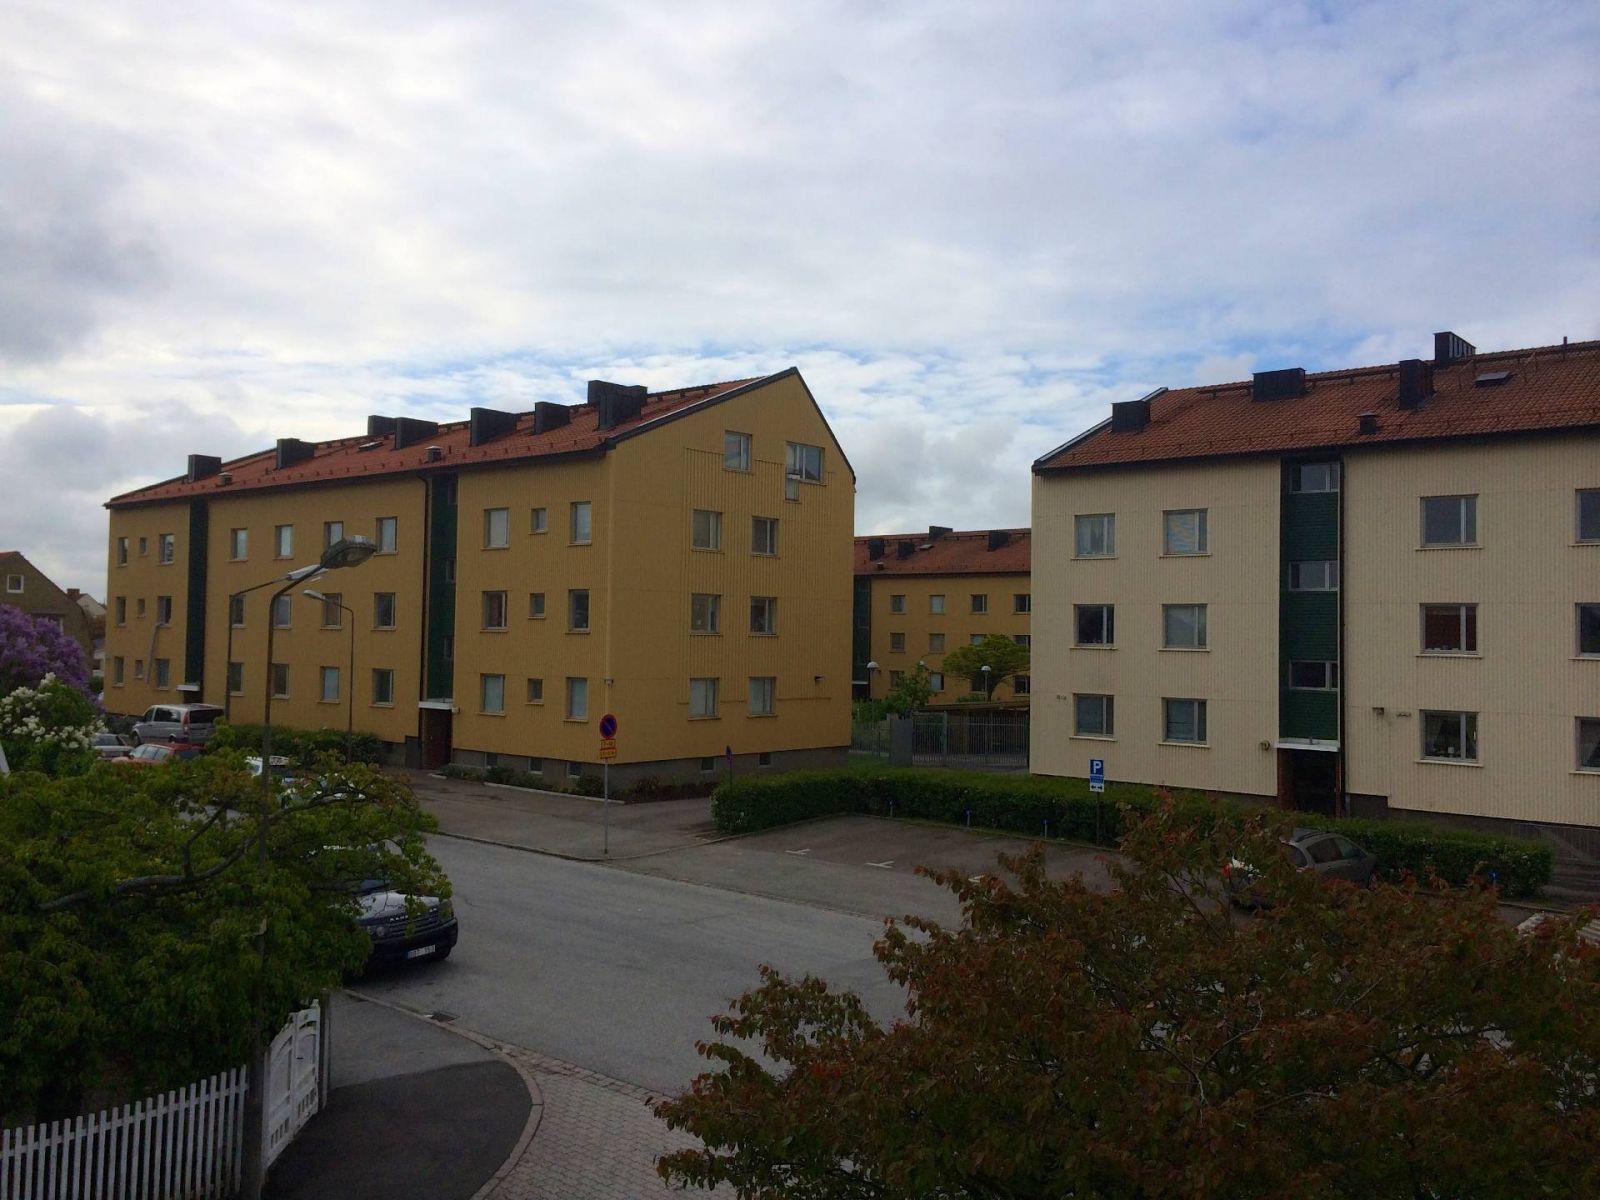 Persborg